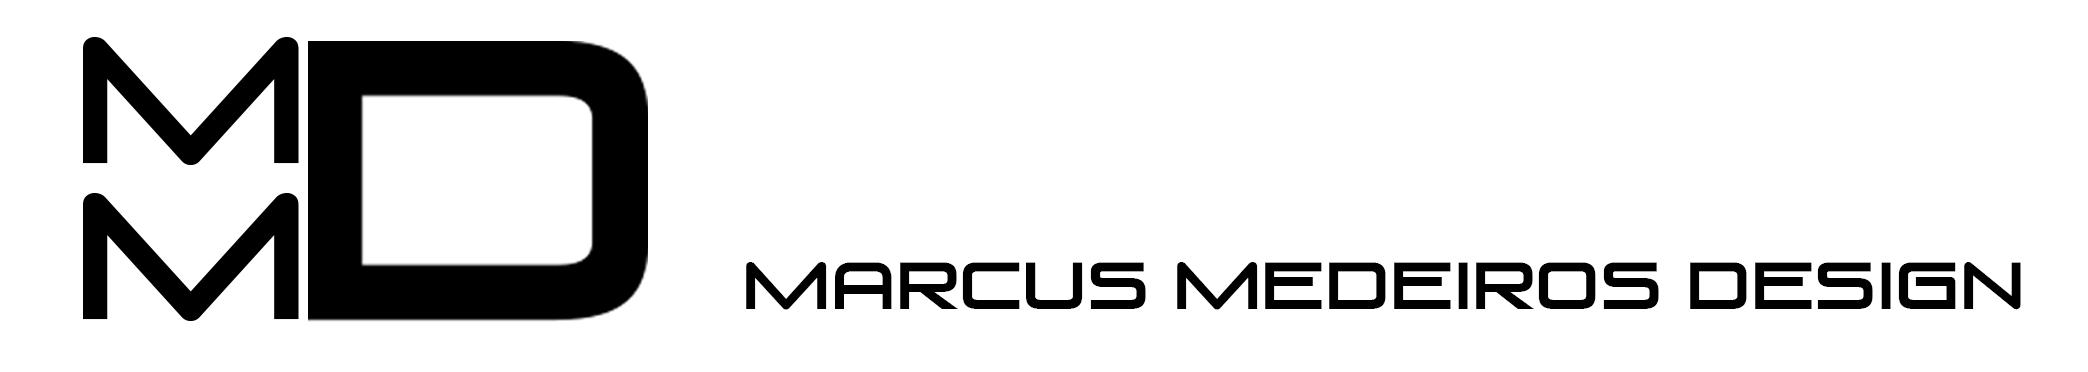 Marcus Medeiros Design